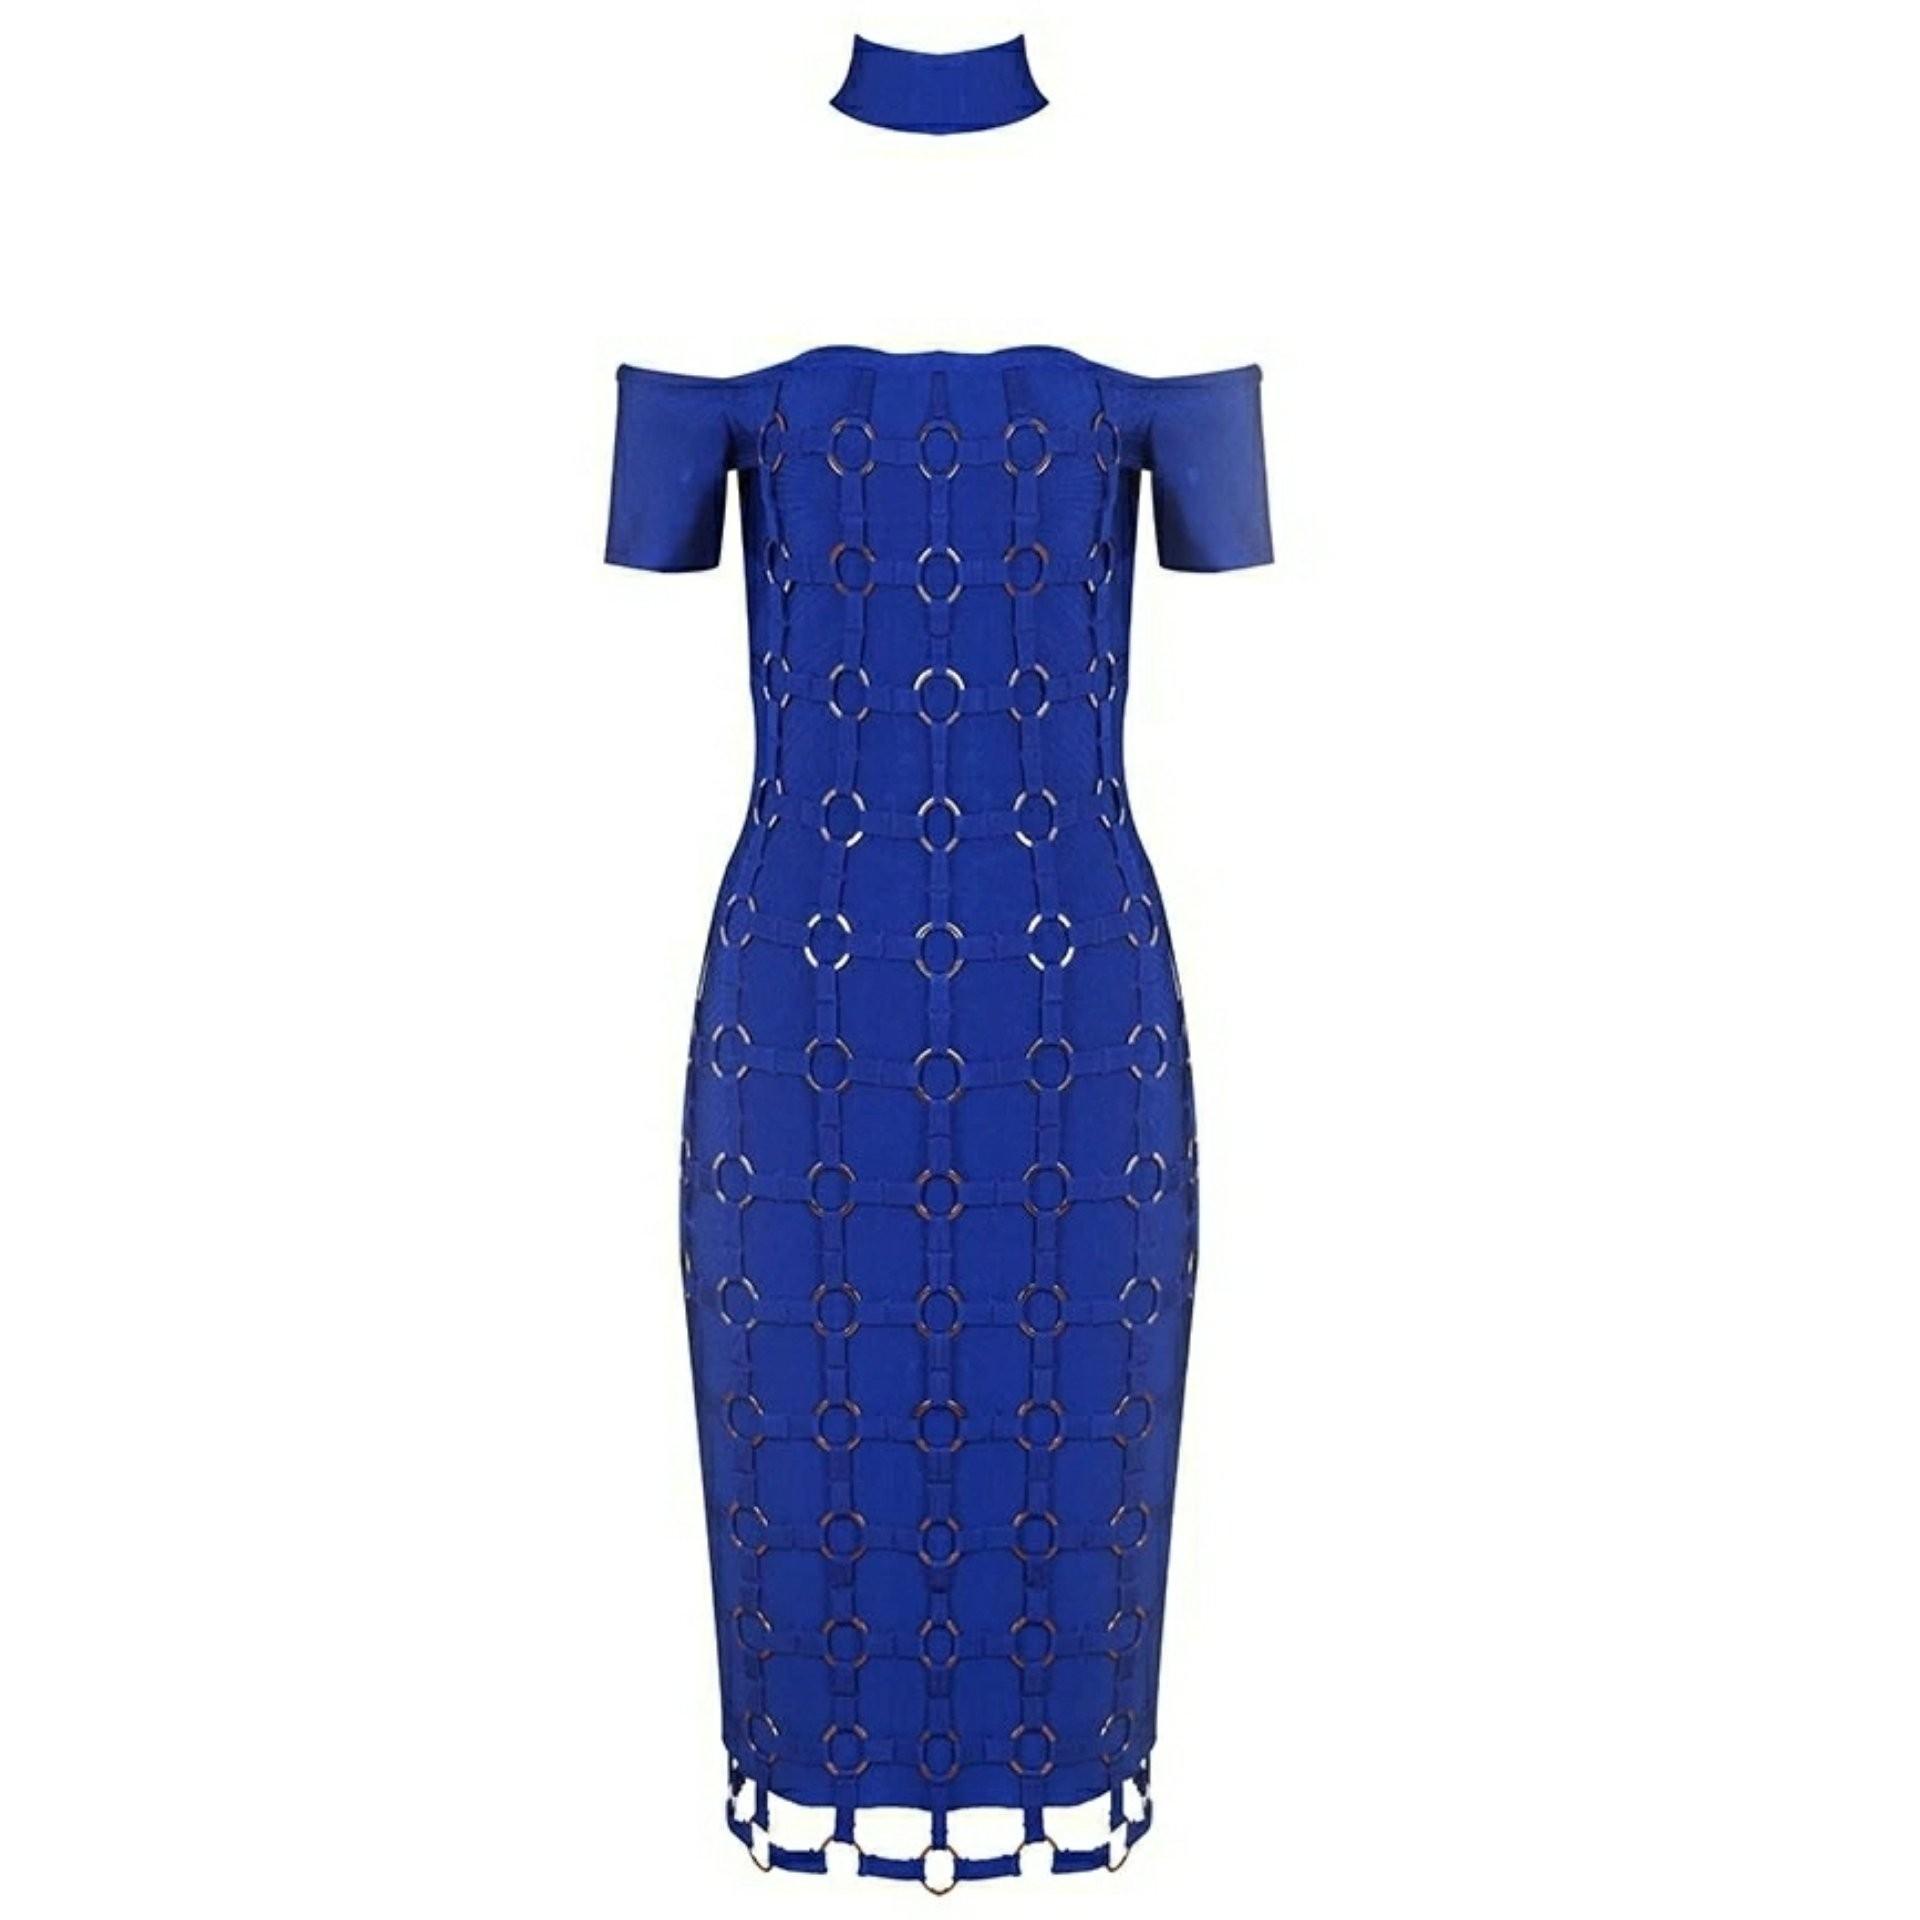 Rayon - Blue Halter Cap Sleeve Over Knee Metal Embellished Weaved Heavy Bandage Dress HJ509-Blue